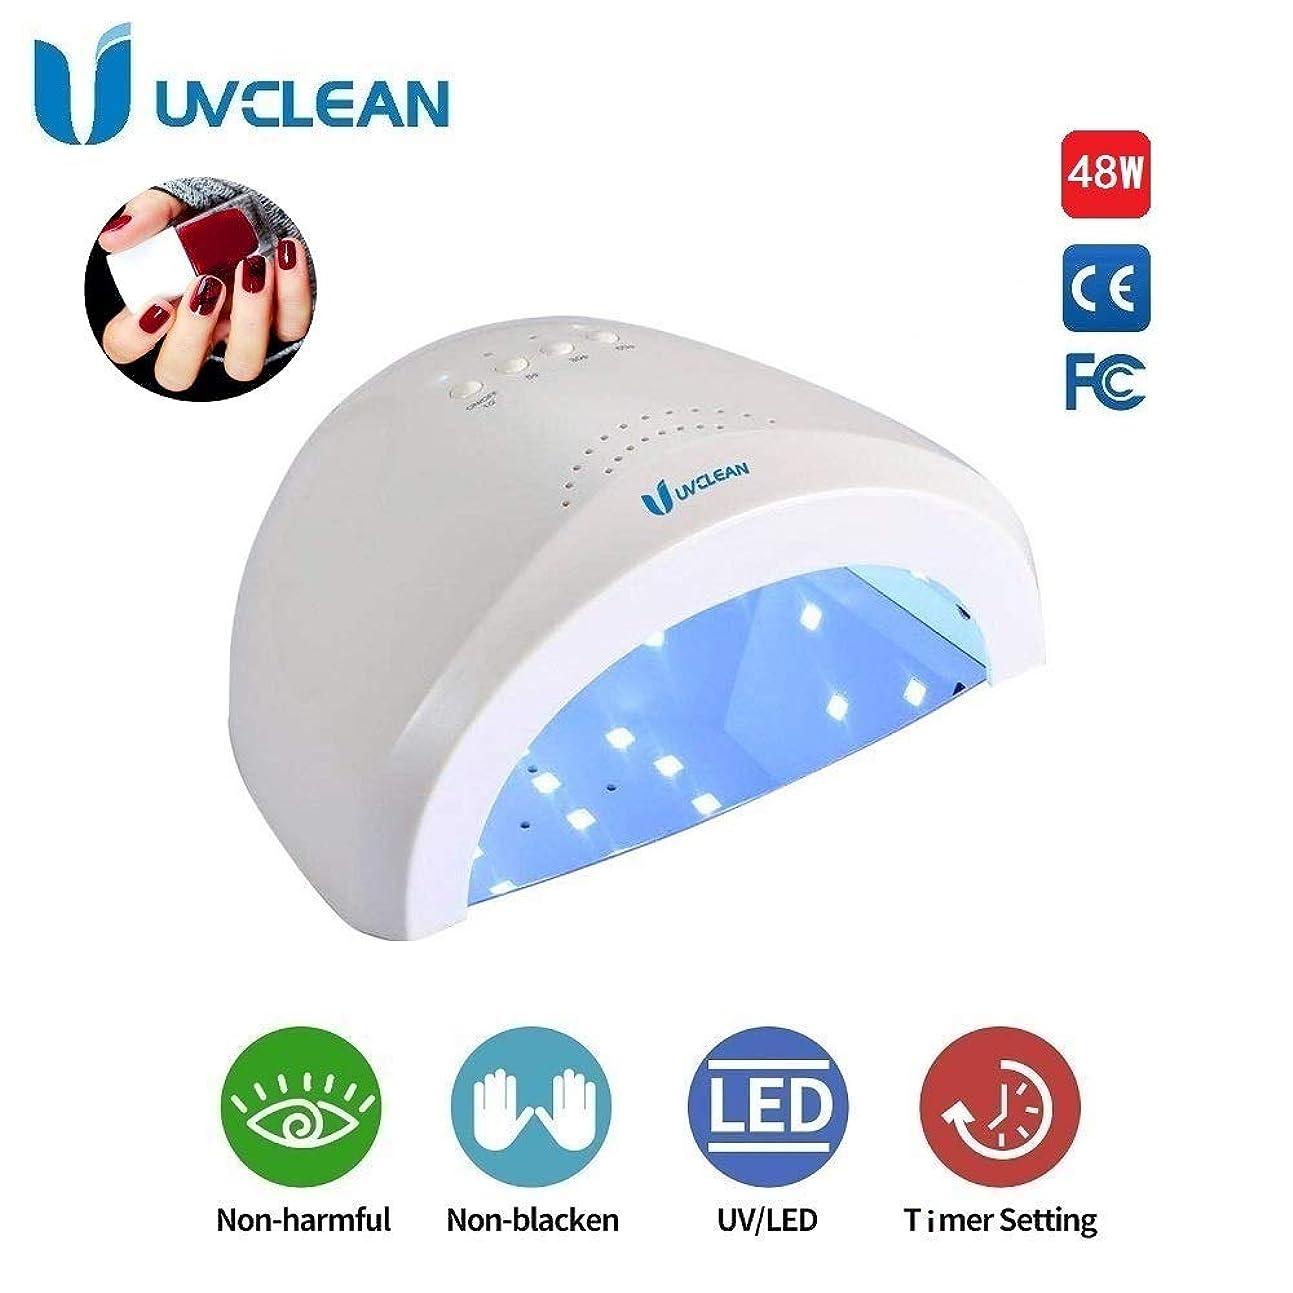 便益近々鉄タイマー記憶センサーと2倍速の機能を有する48wのUV LEDネイルランプ、ネイルカラー乾燥機、ネイルカラー硬化ランプ、ネイルサロンランプ (ホワイト)